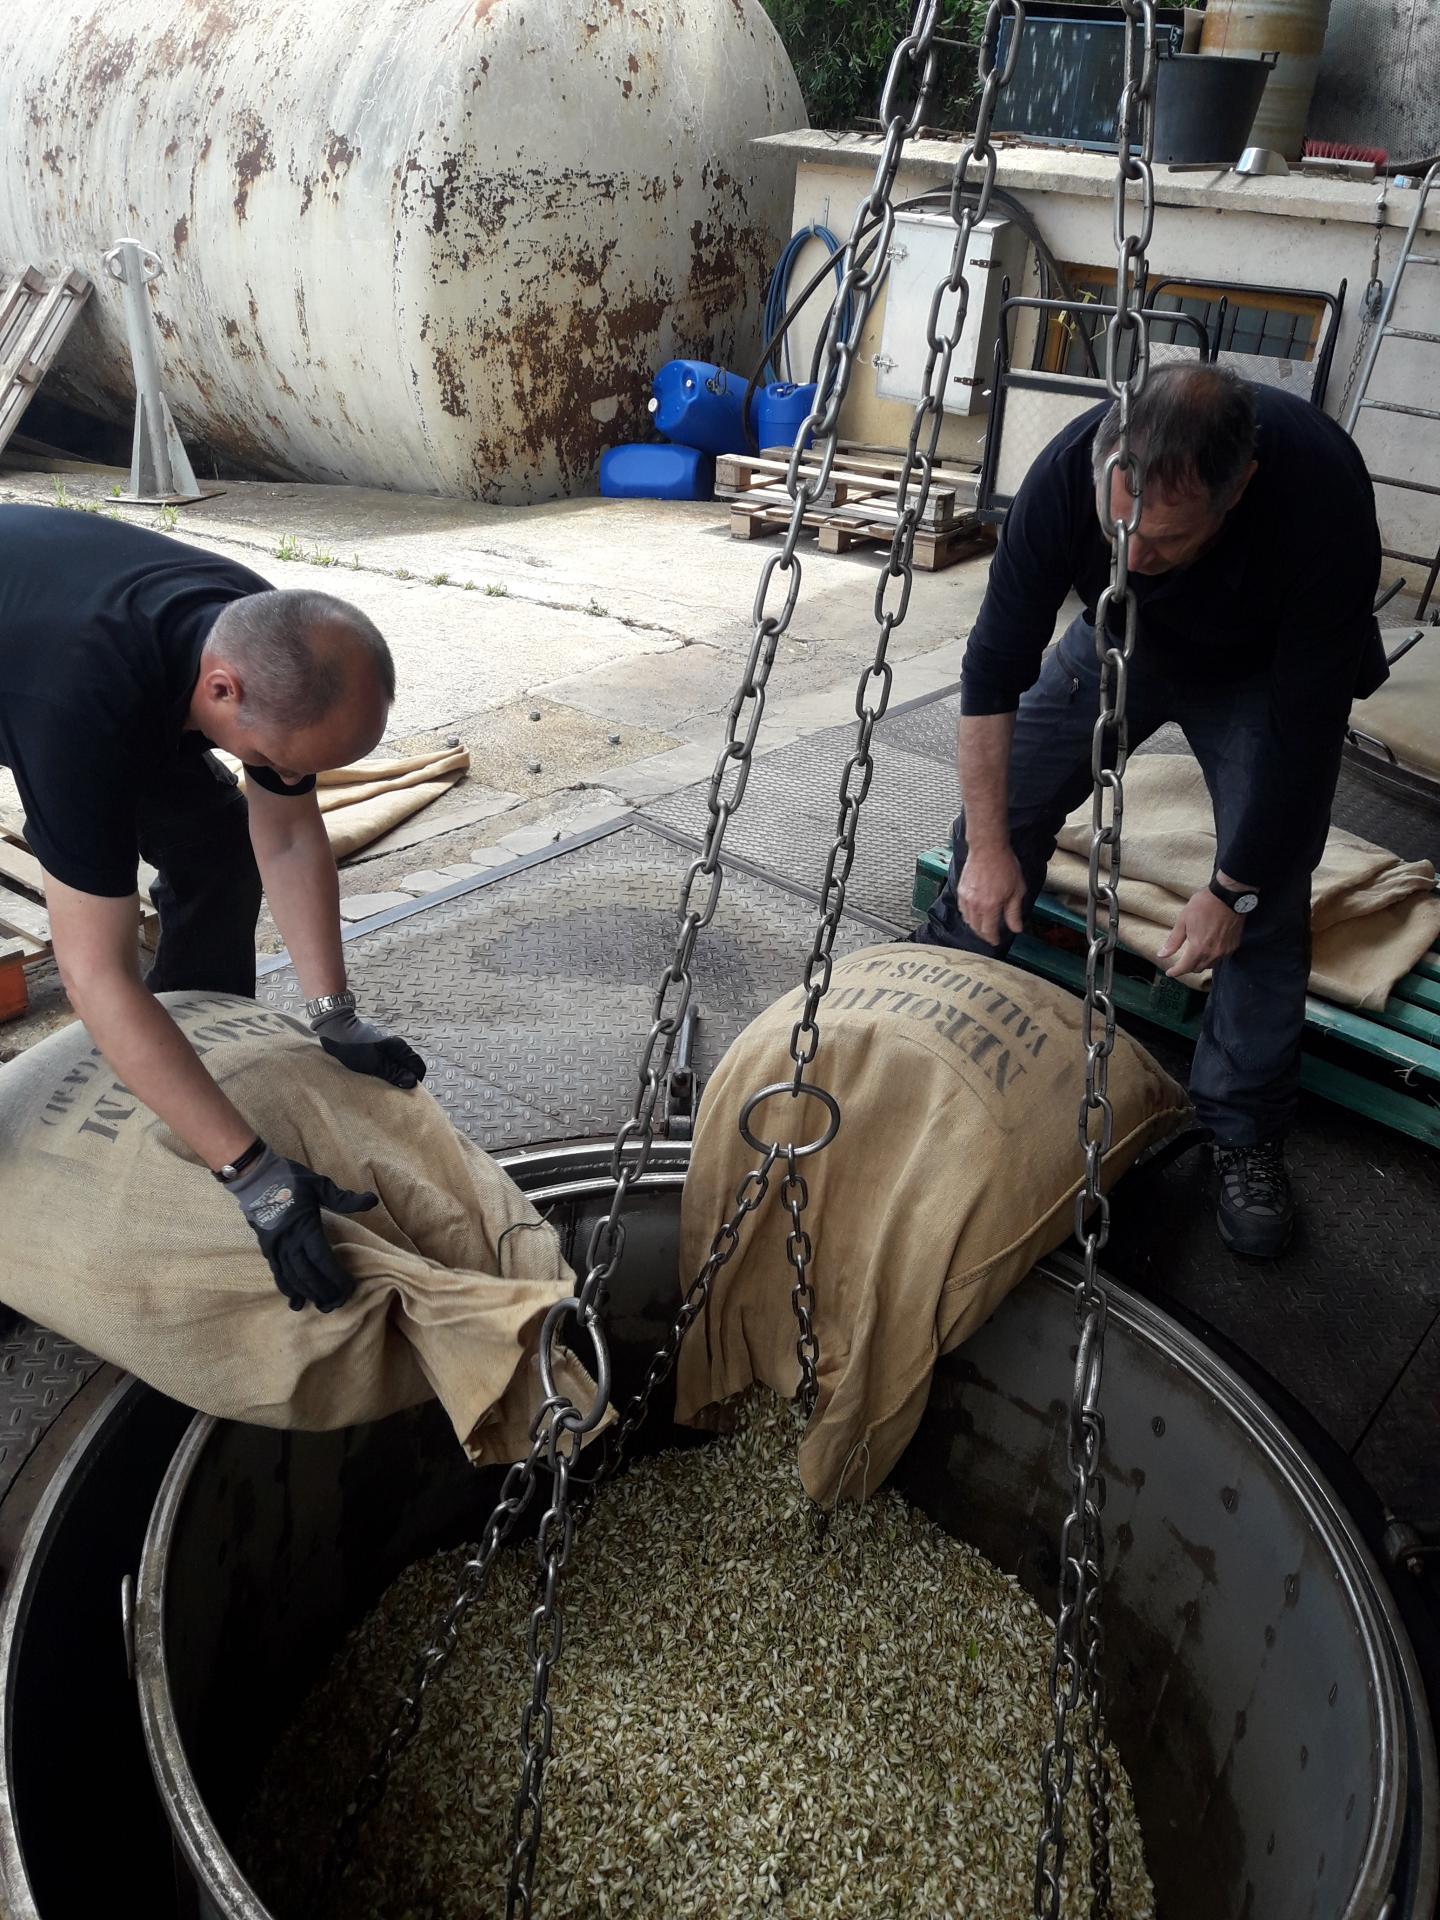 Les six sacs en toile de jute, estampillés Nérolium, sont ouverts par les employés du site d'extraction-distillation Sotraflor de la famille Mul.